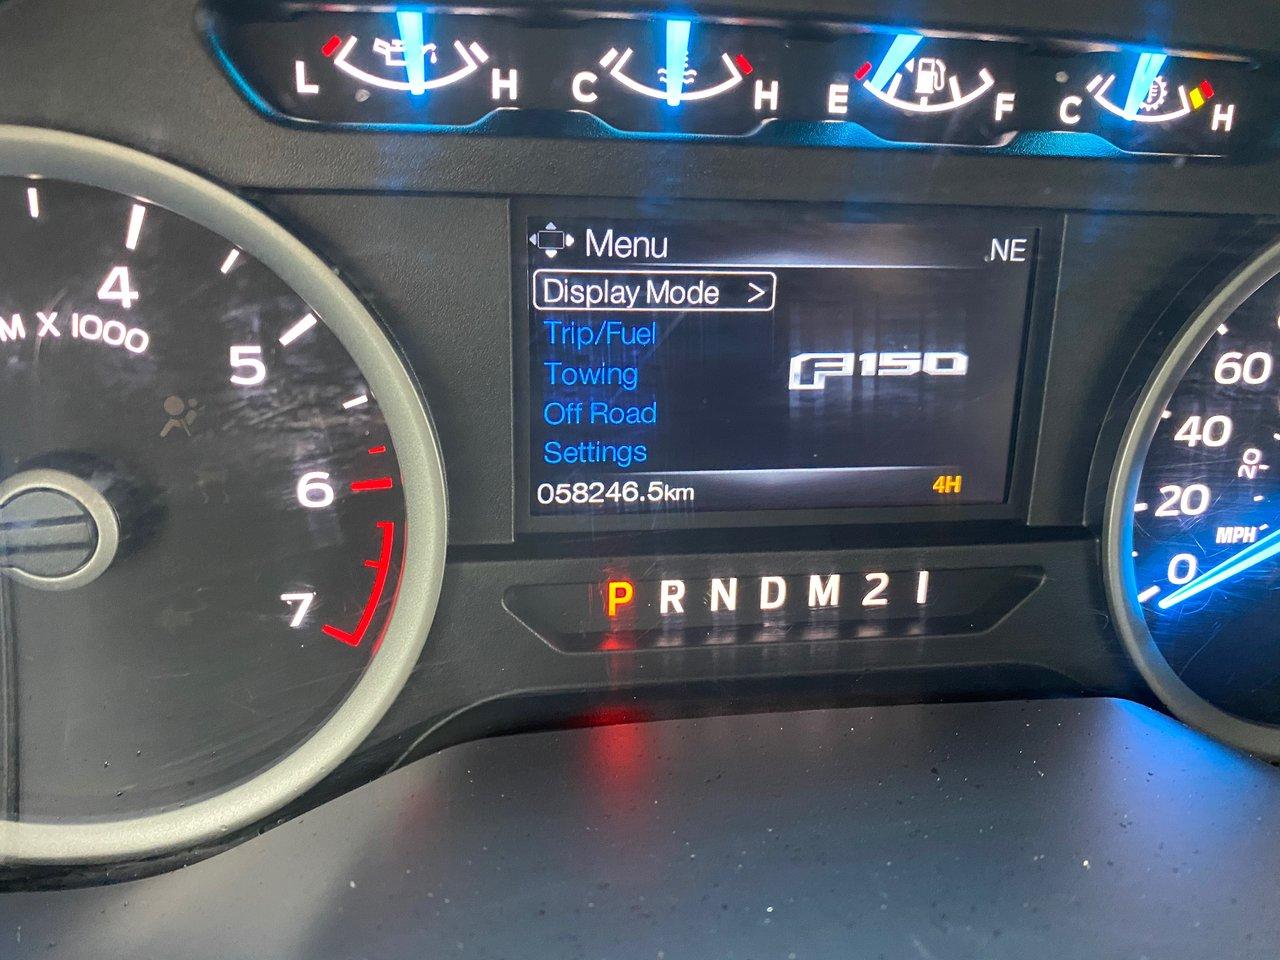 2016 Ford F-150 F-150 XLT 3.5L ECOBOOST, XTR